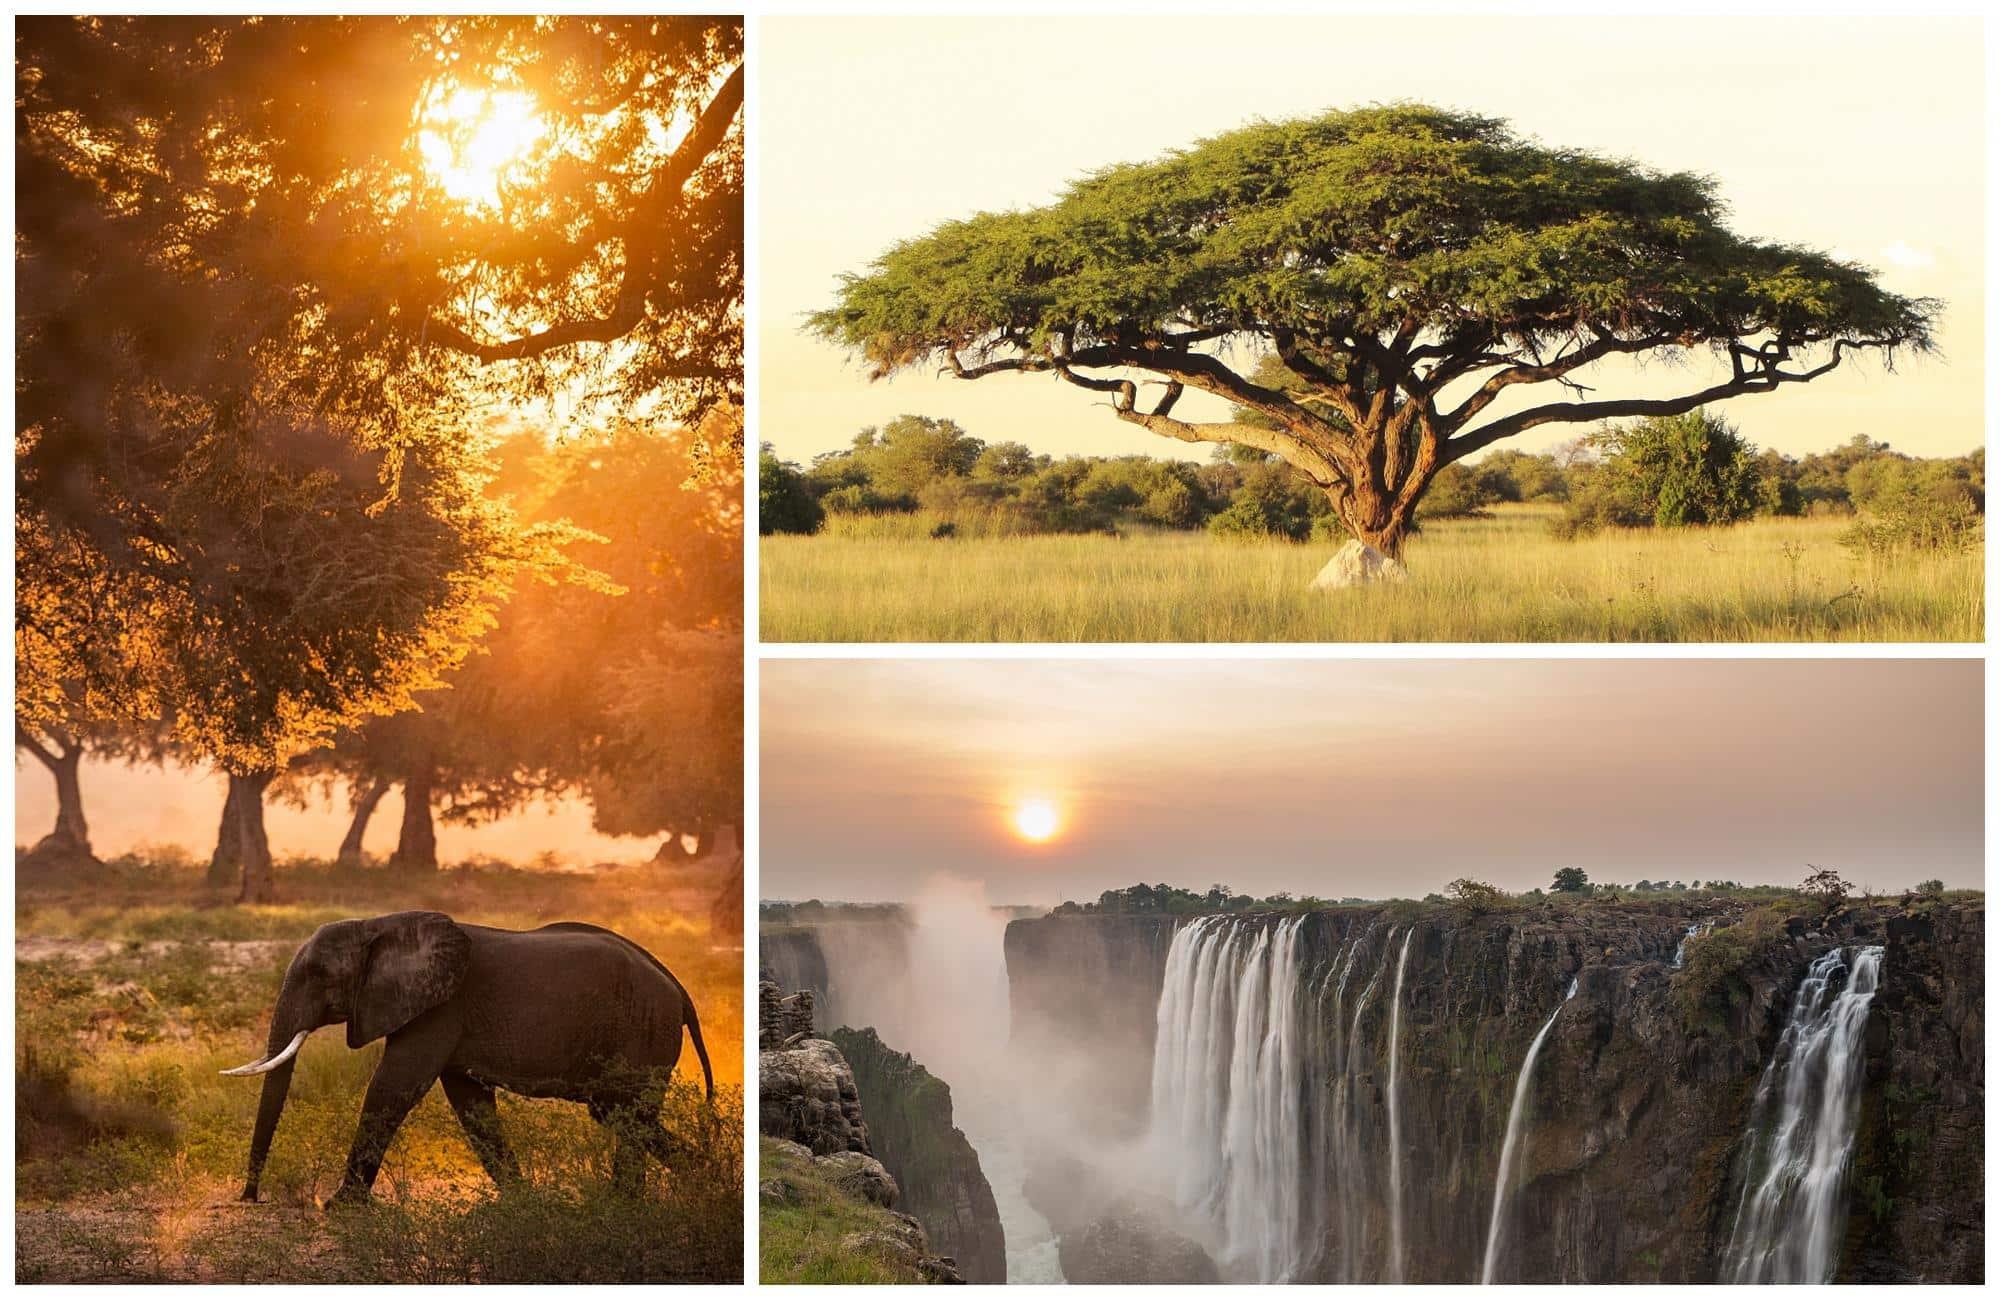 Fin de journée au Zimbabwe